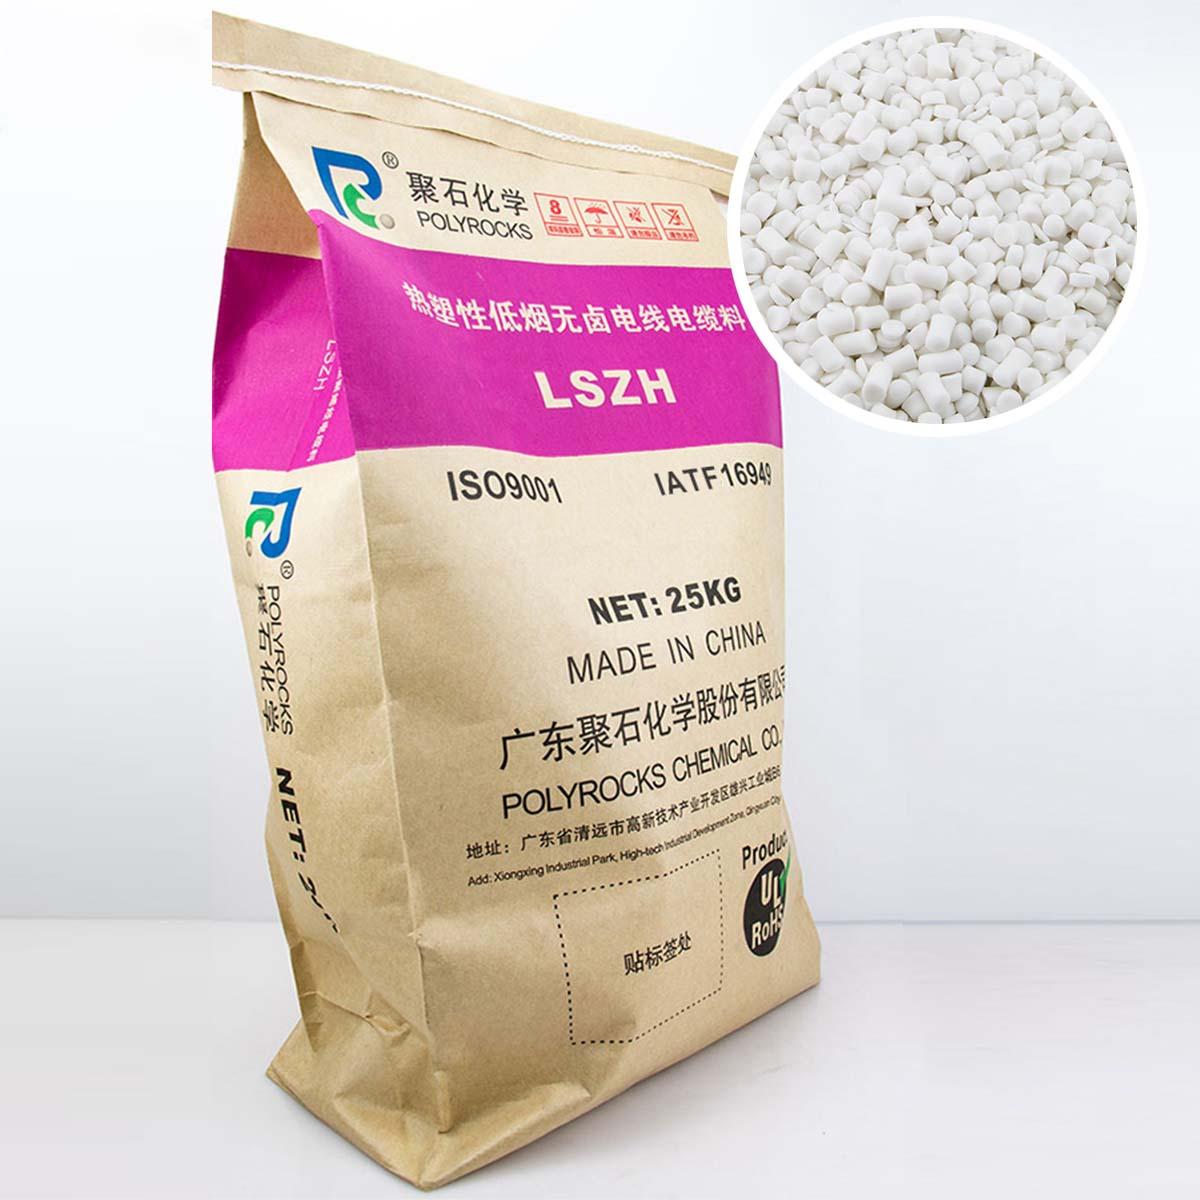 LSZH(白色粒子)